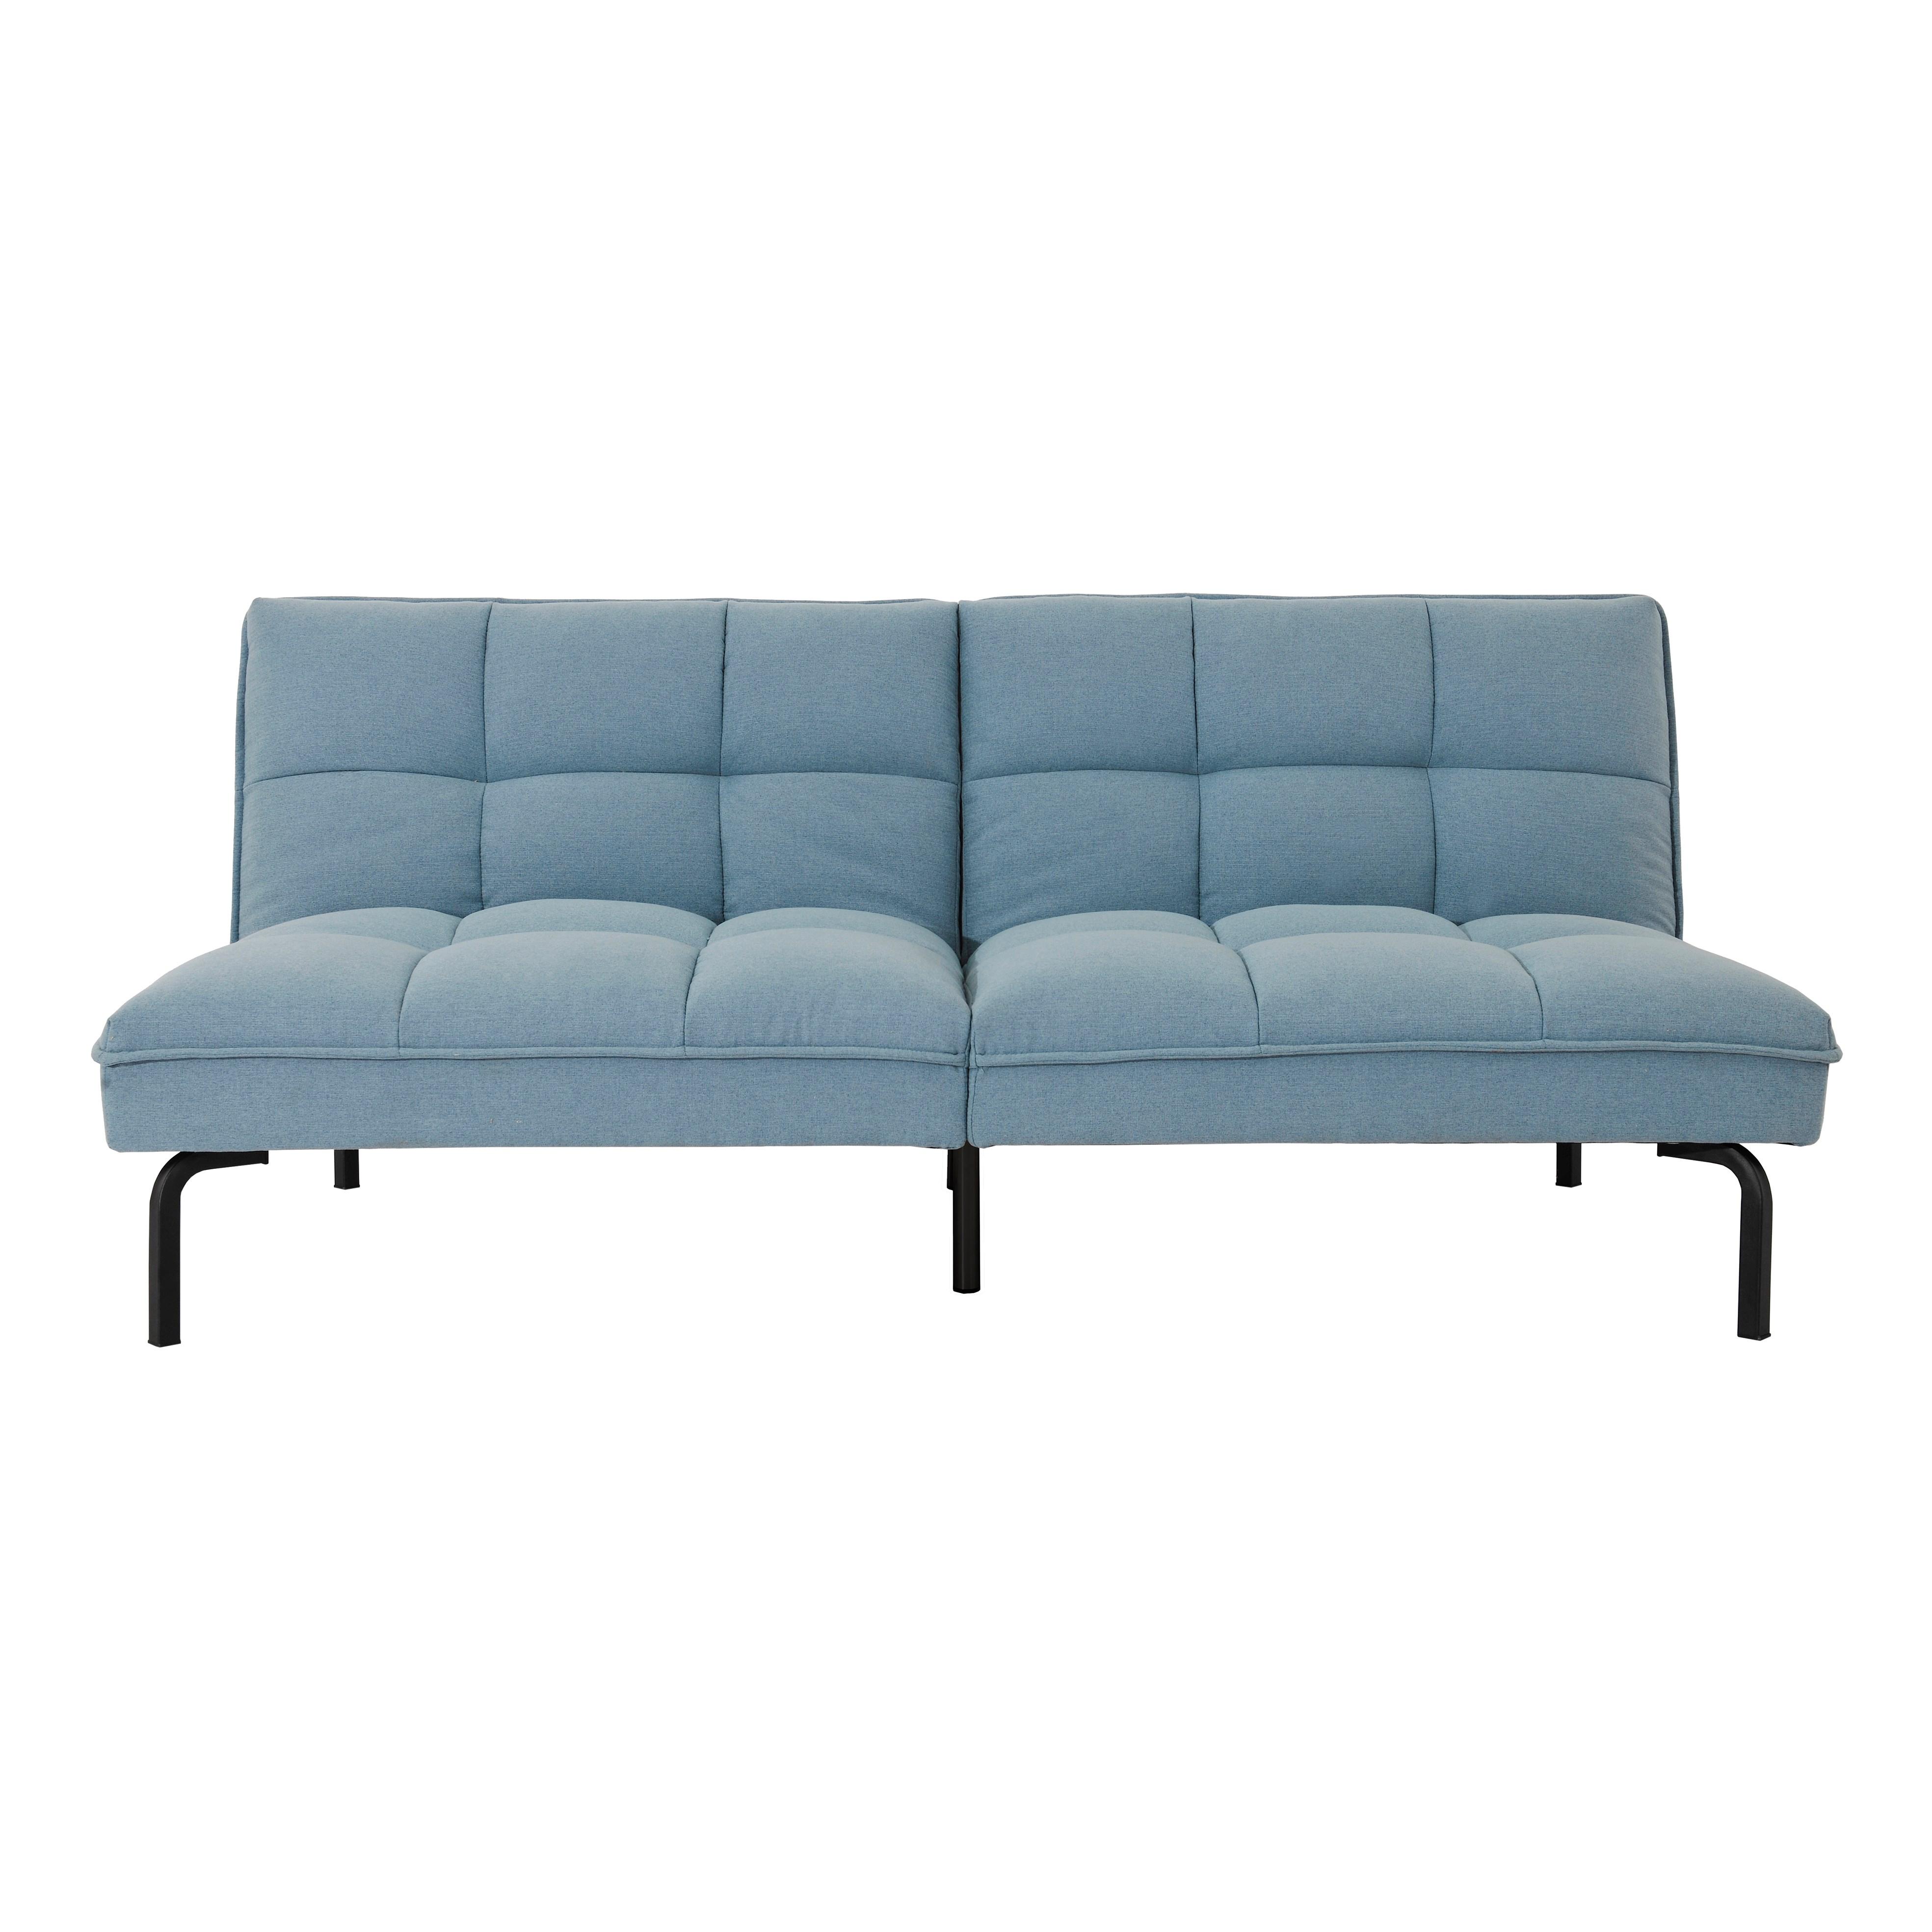 Finden Sie Hohe Qualität Futon Sofa Bett Thailand Hersteller ...